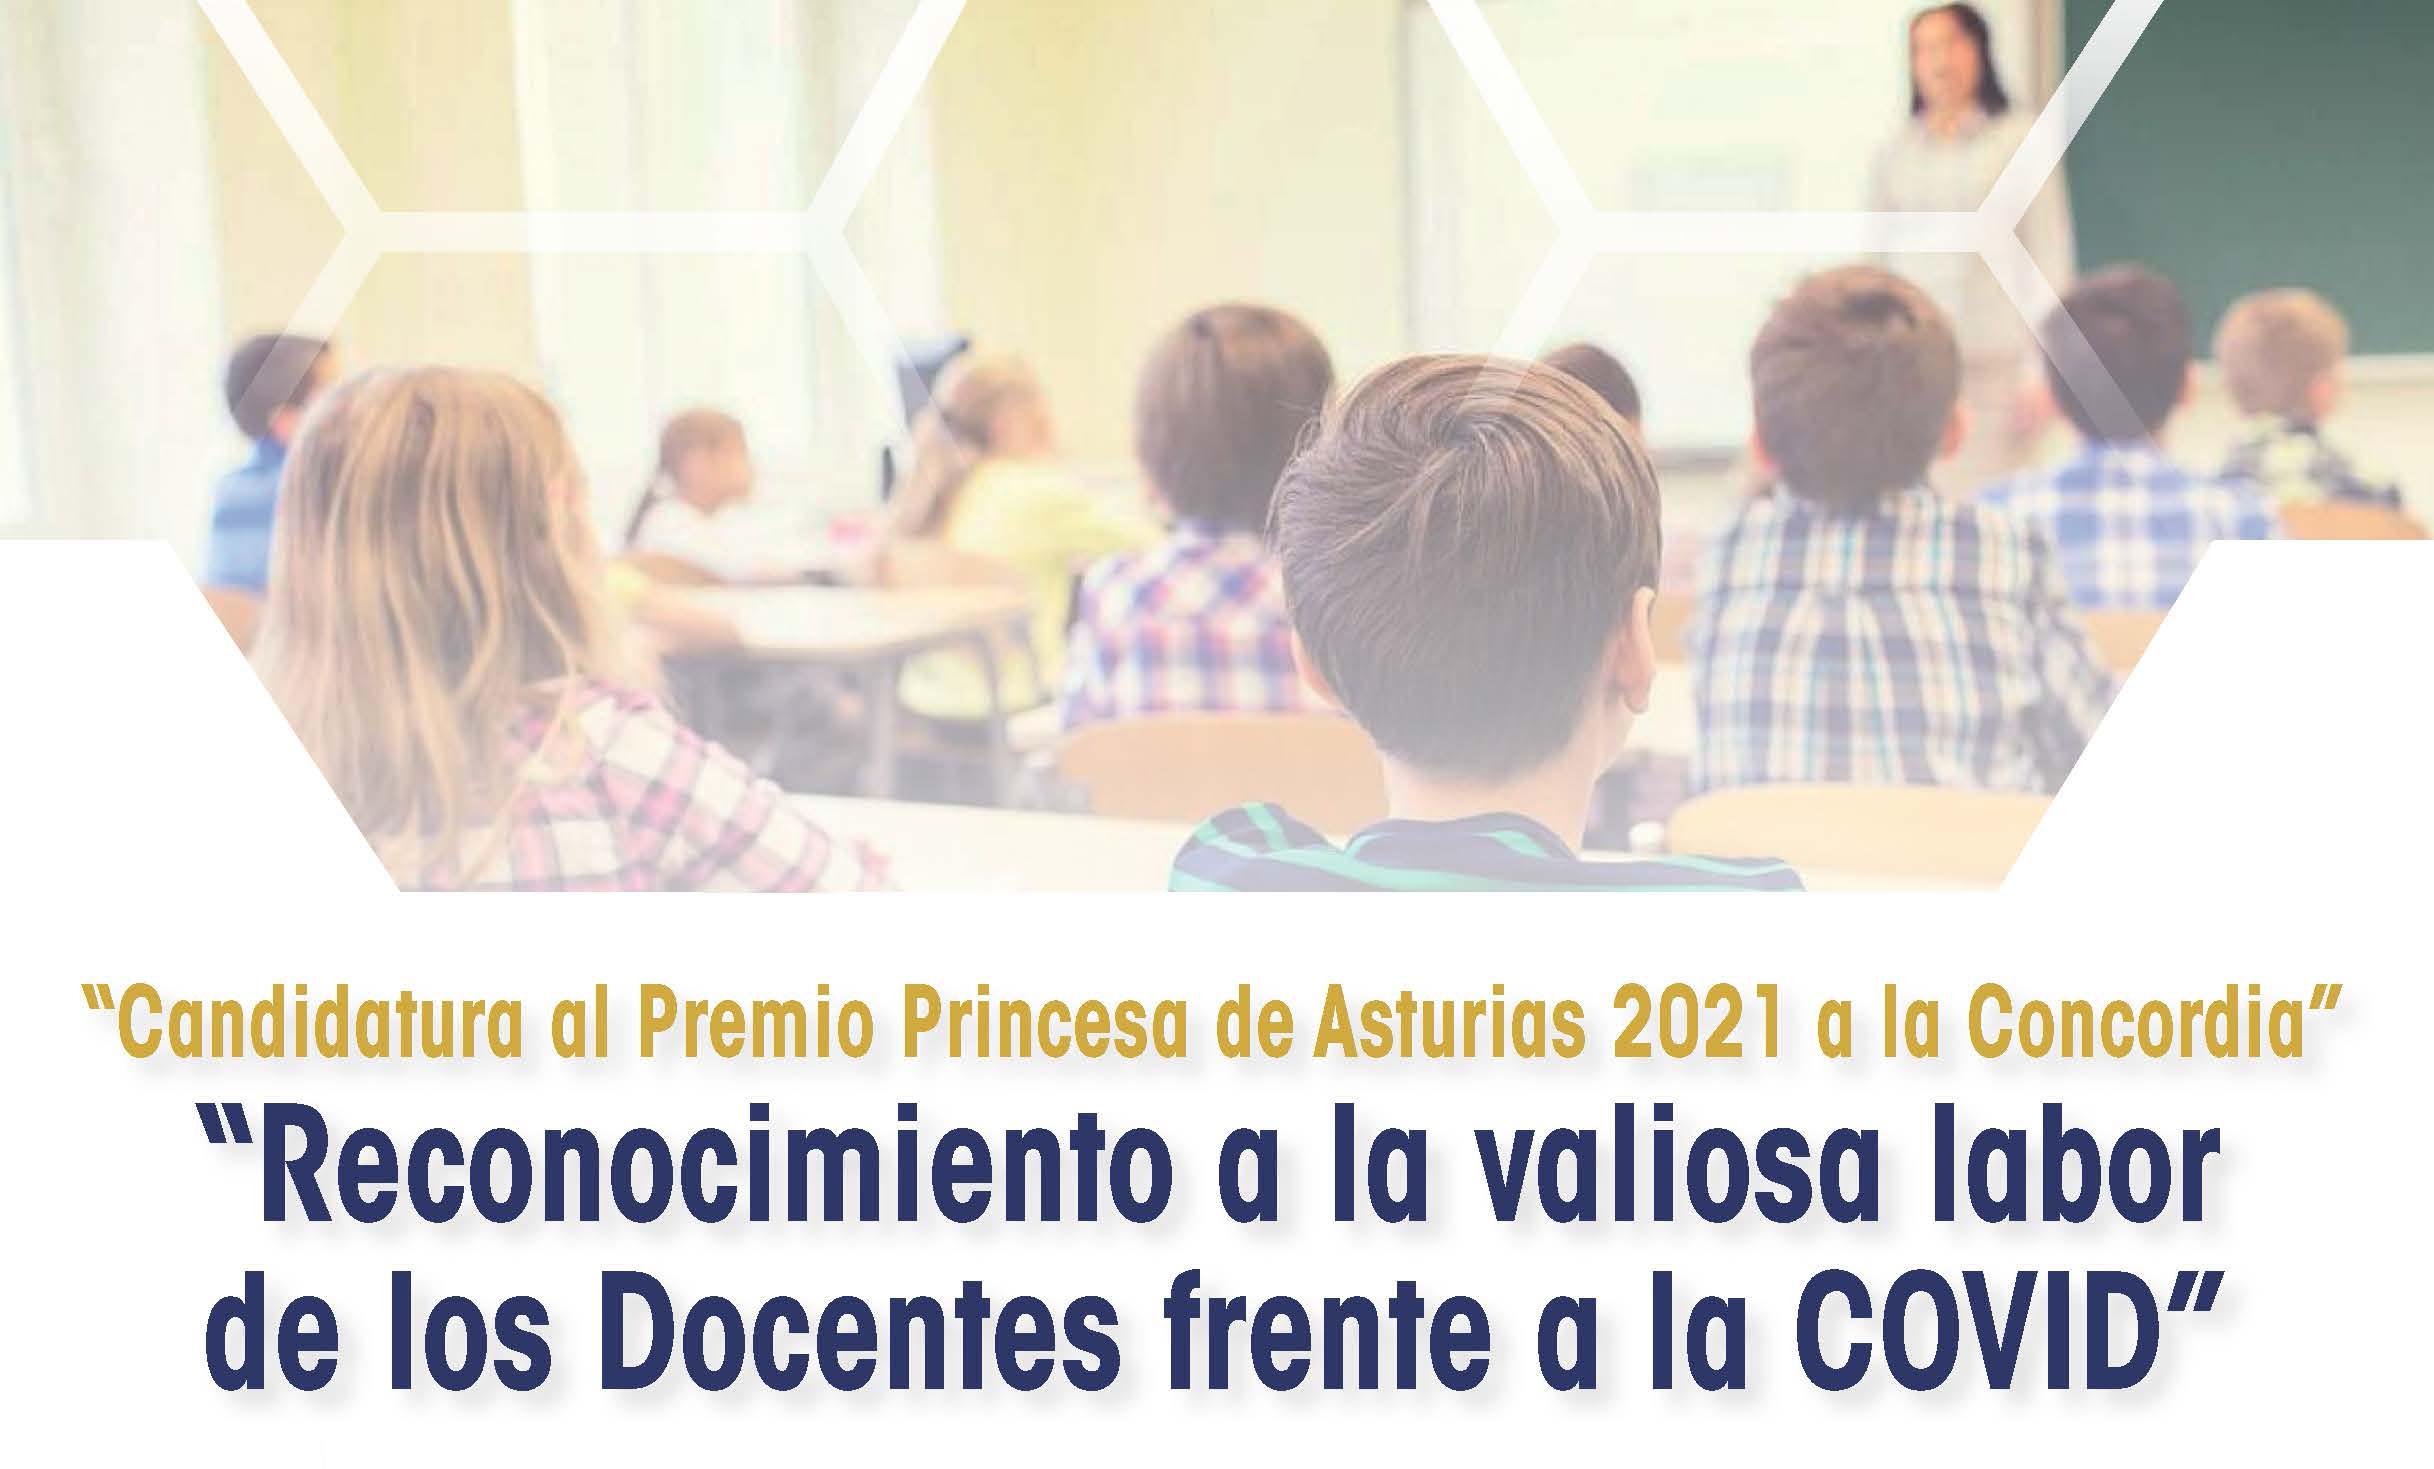 Los Docentes candidatos al Premio Princesa de Asturias